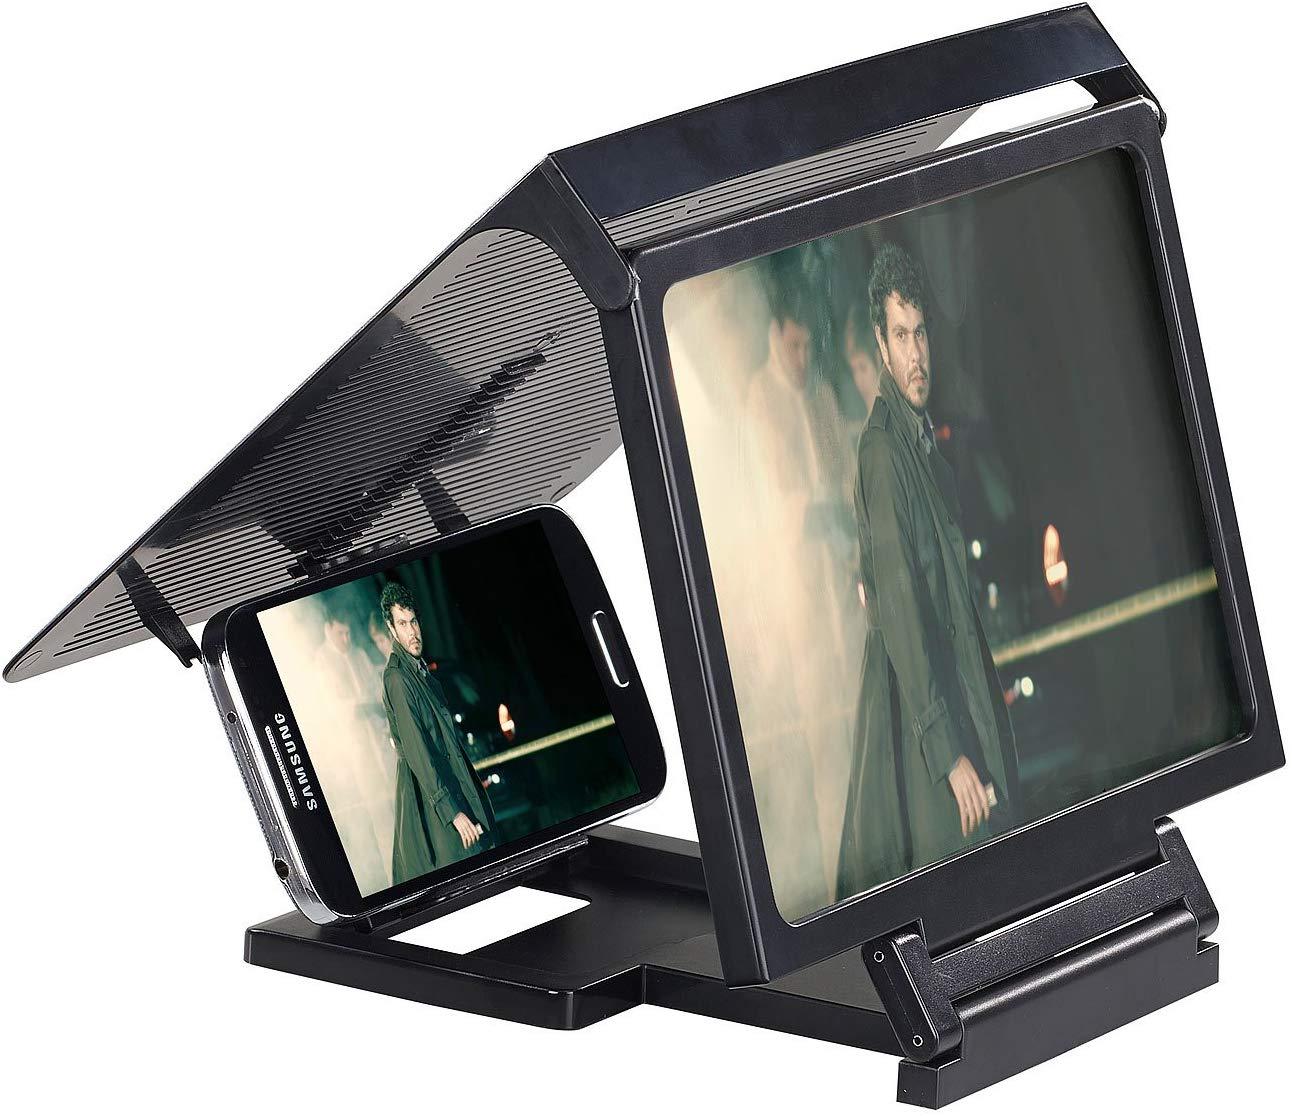 🍀🍀Gewinnspiel🍀🍀 — Handylupe: Smartphone & iPhone Acryl Lupe mit 3X Vergrößerung